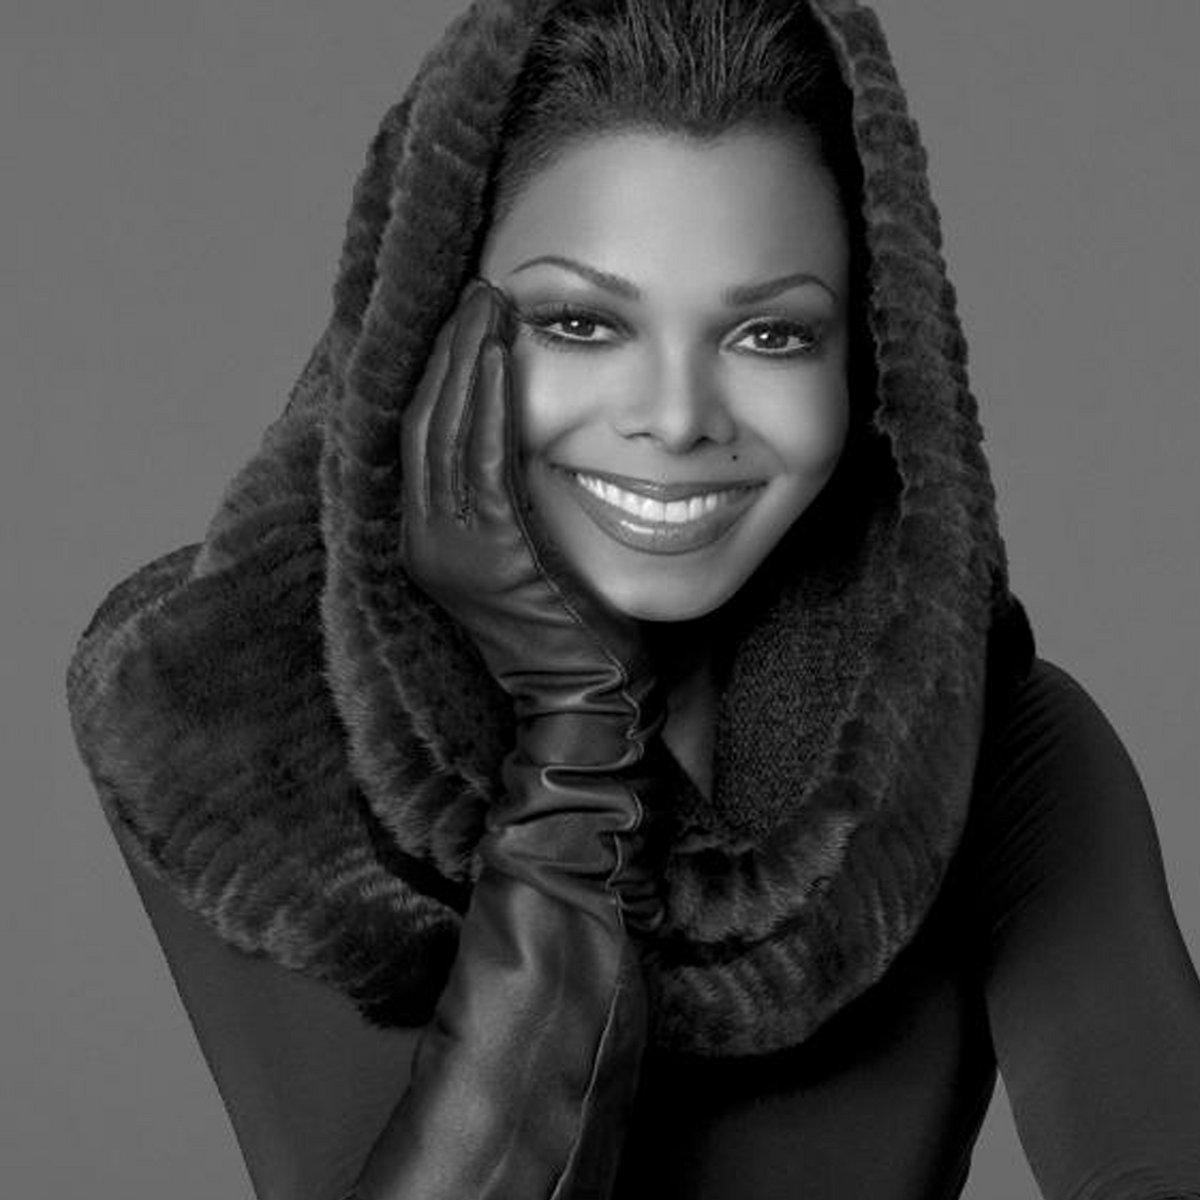 Janet Jackson - Together again (Vincent Bastille house mix